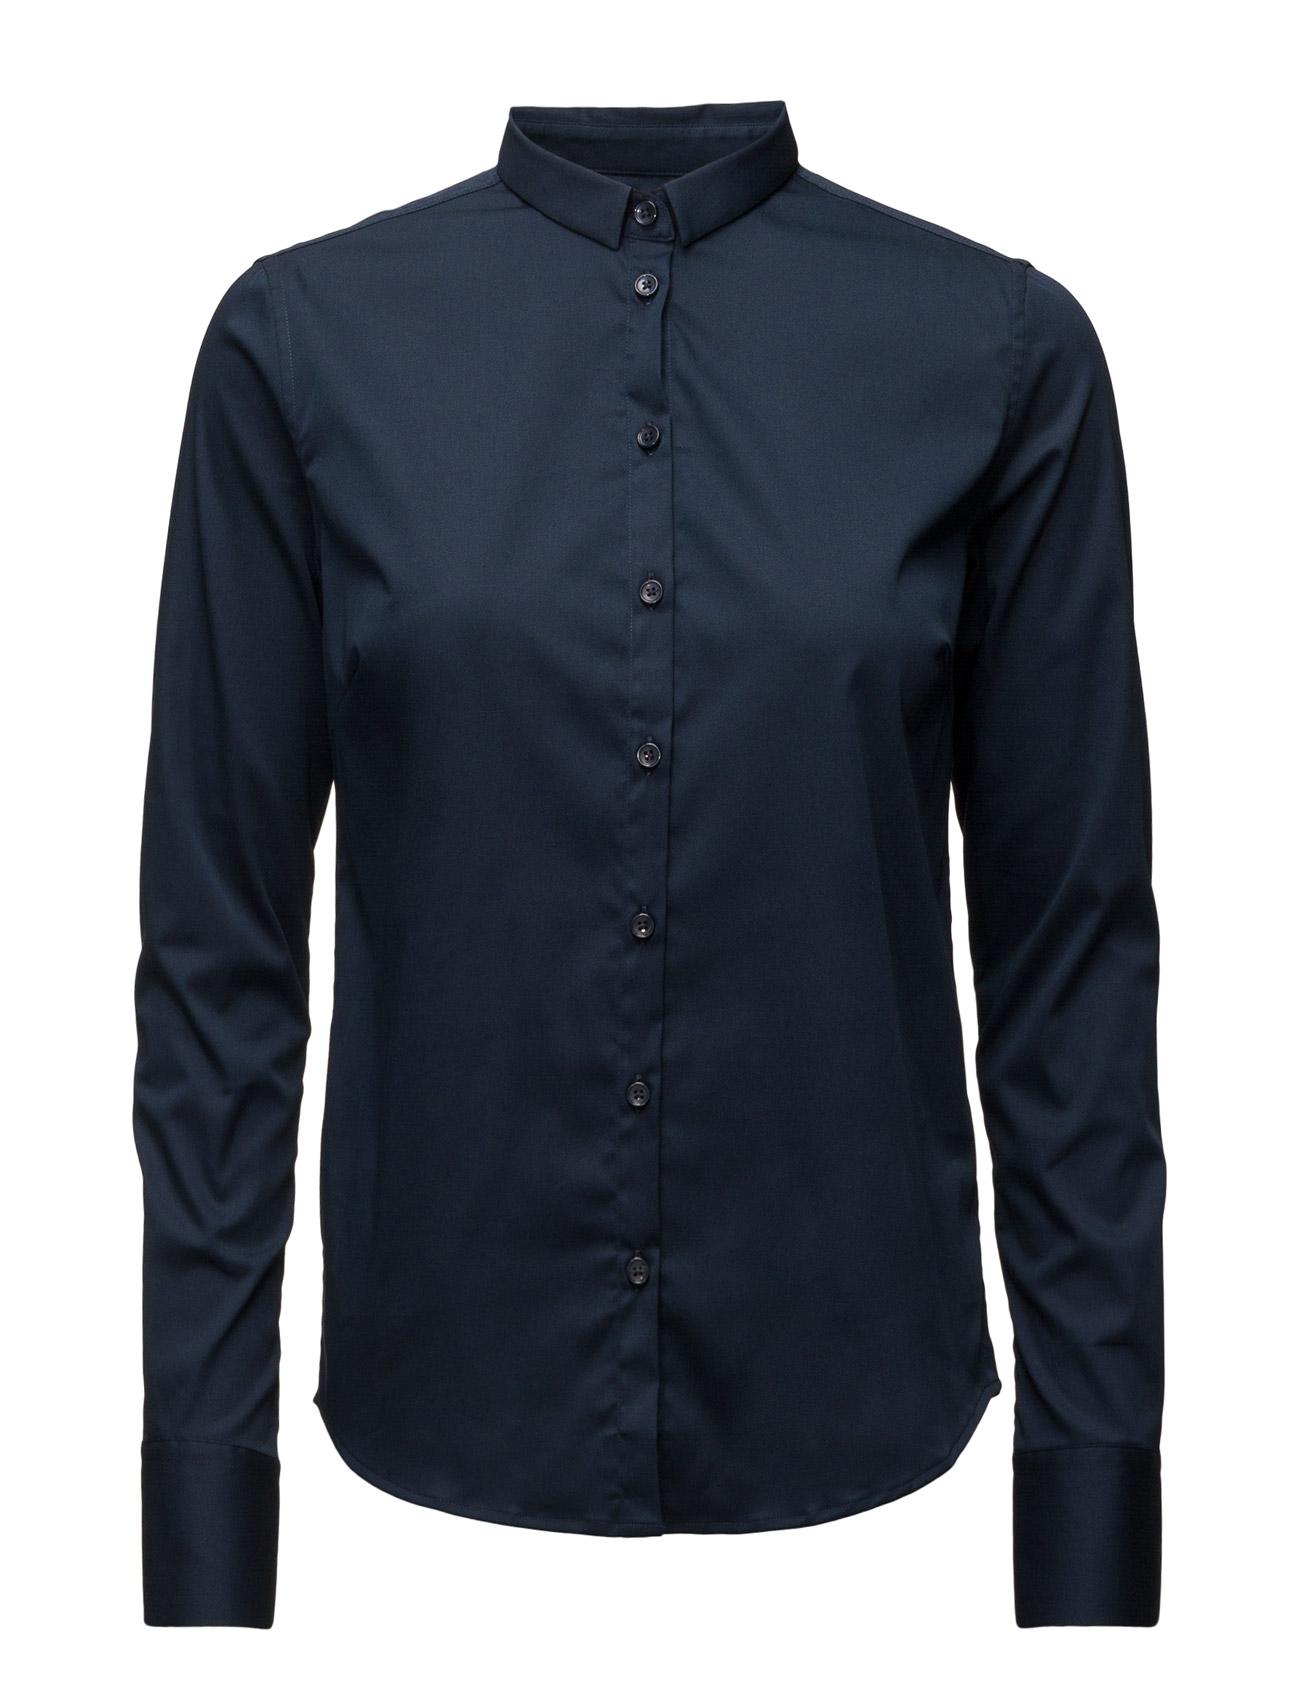 Image of Tilda Shirt (2387050583)